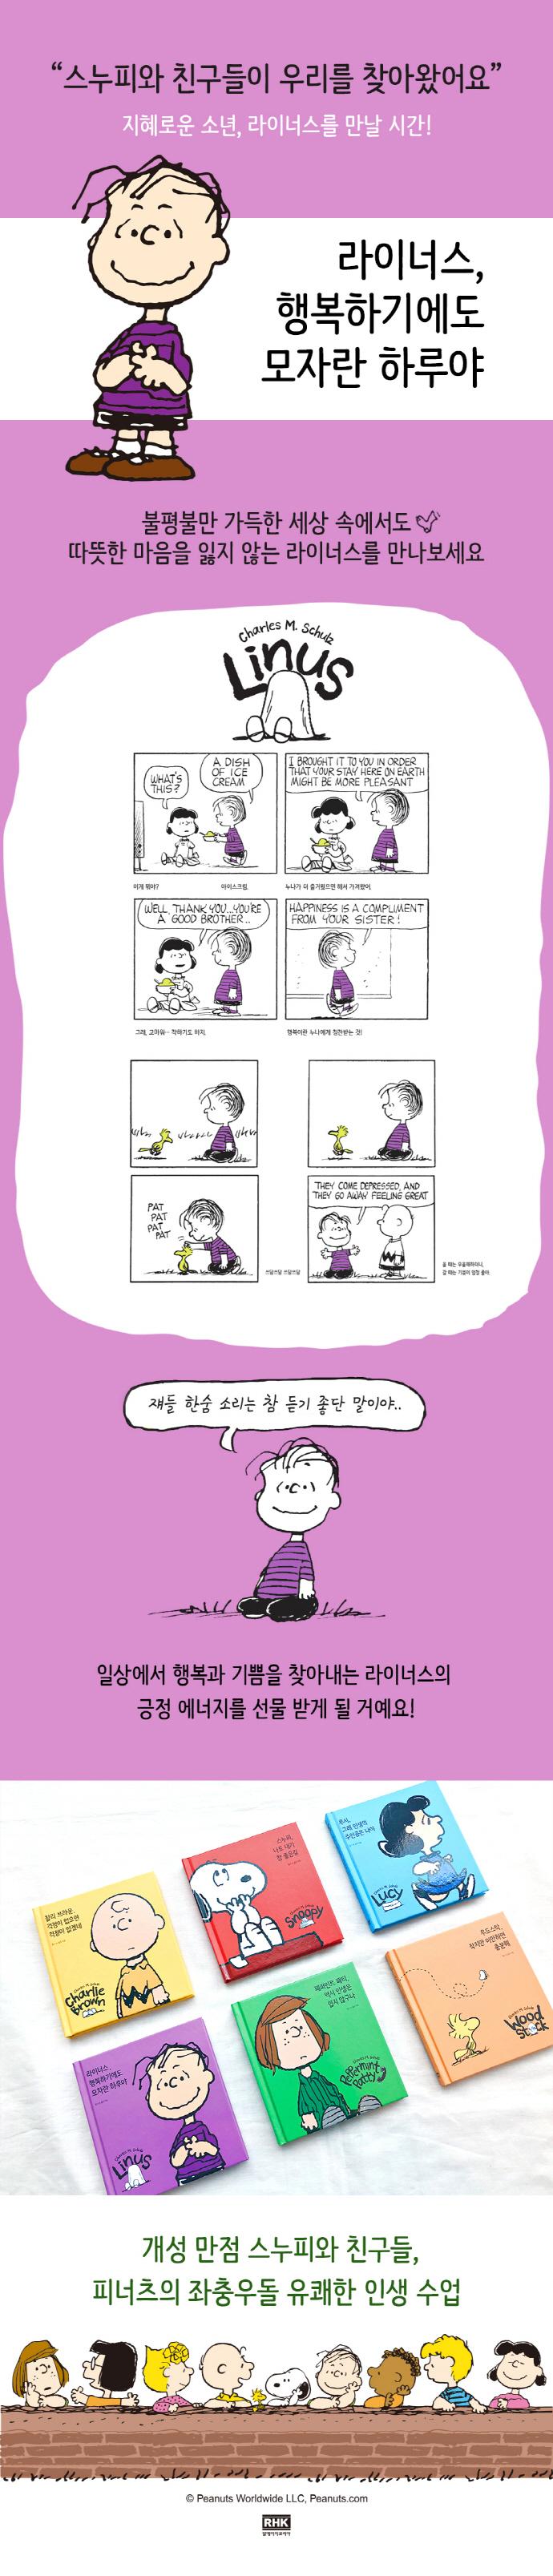 라이너스, 행복하기에도 모자란 하루야(Peanuts(피너츠))(양장본 HardCover) 도서 상세이미지